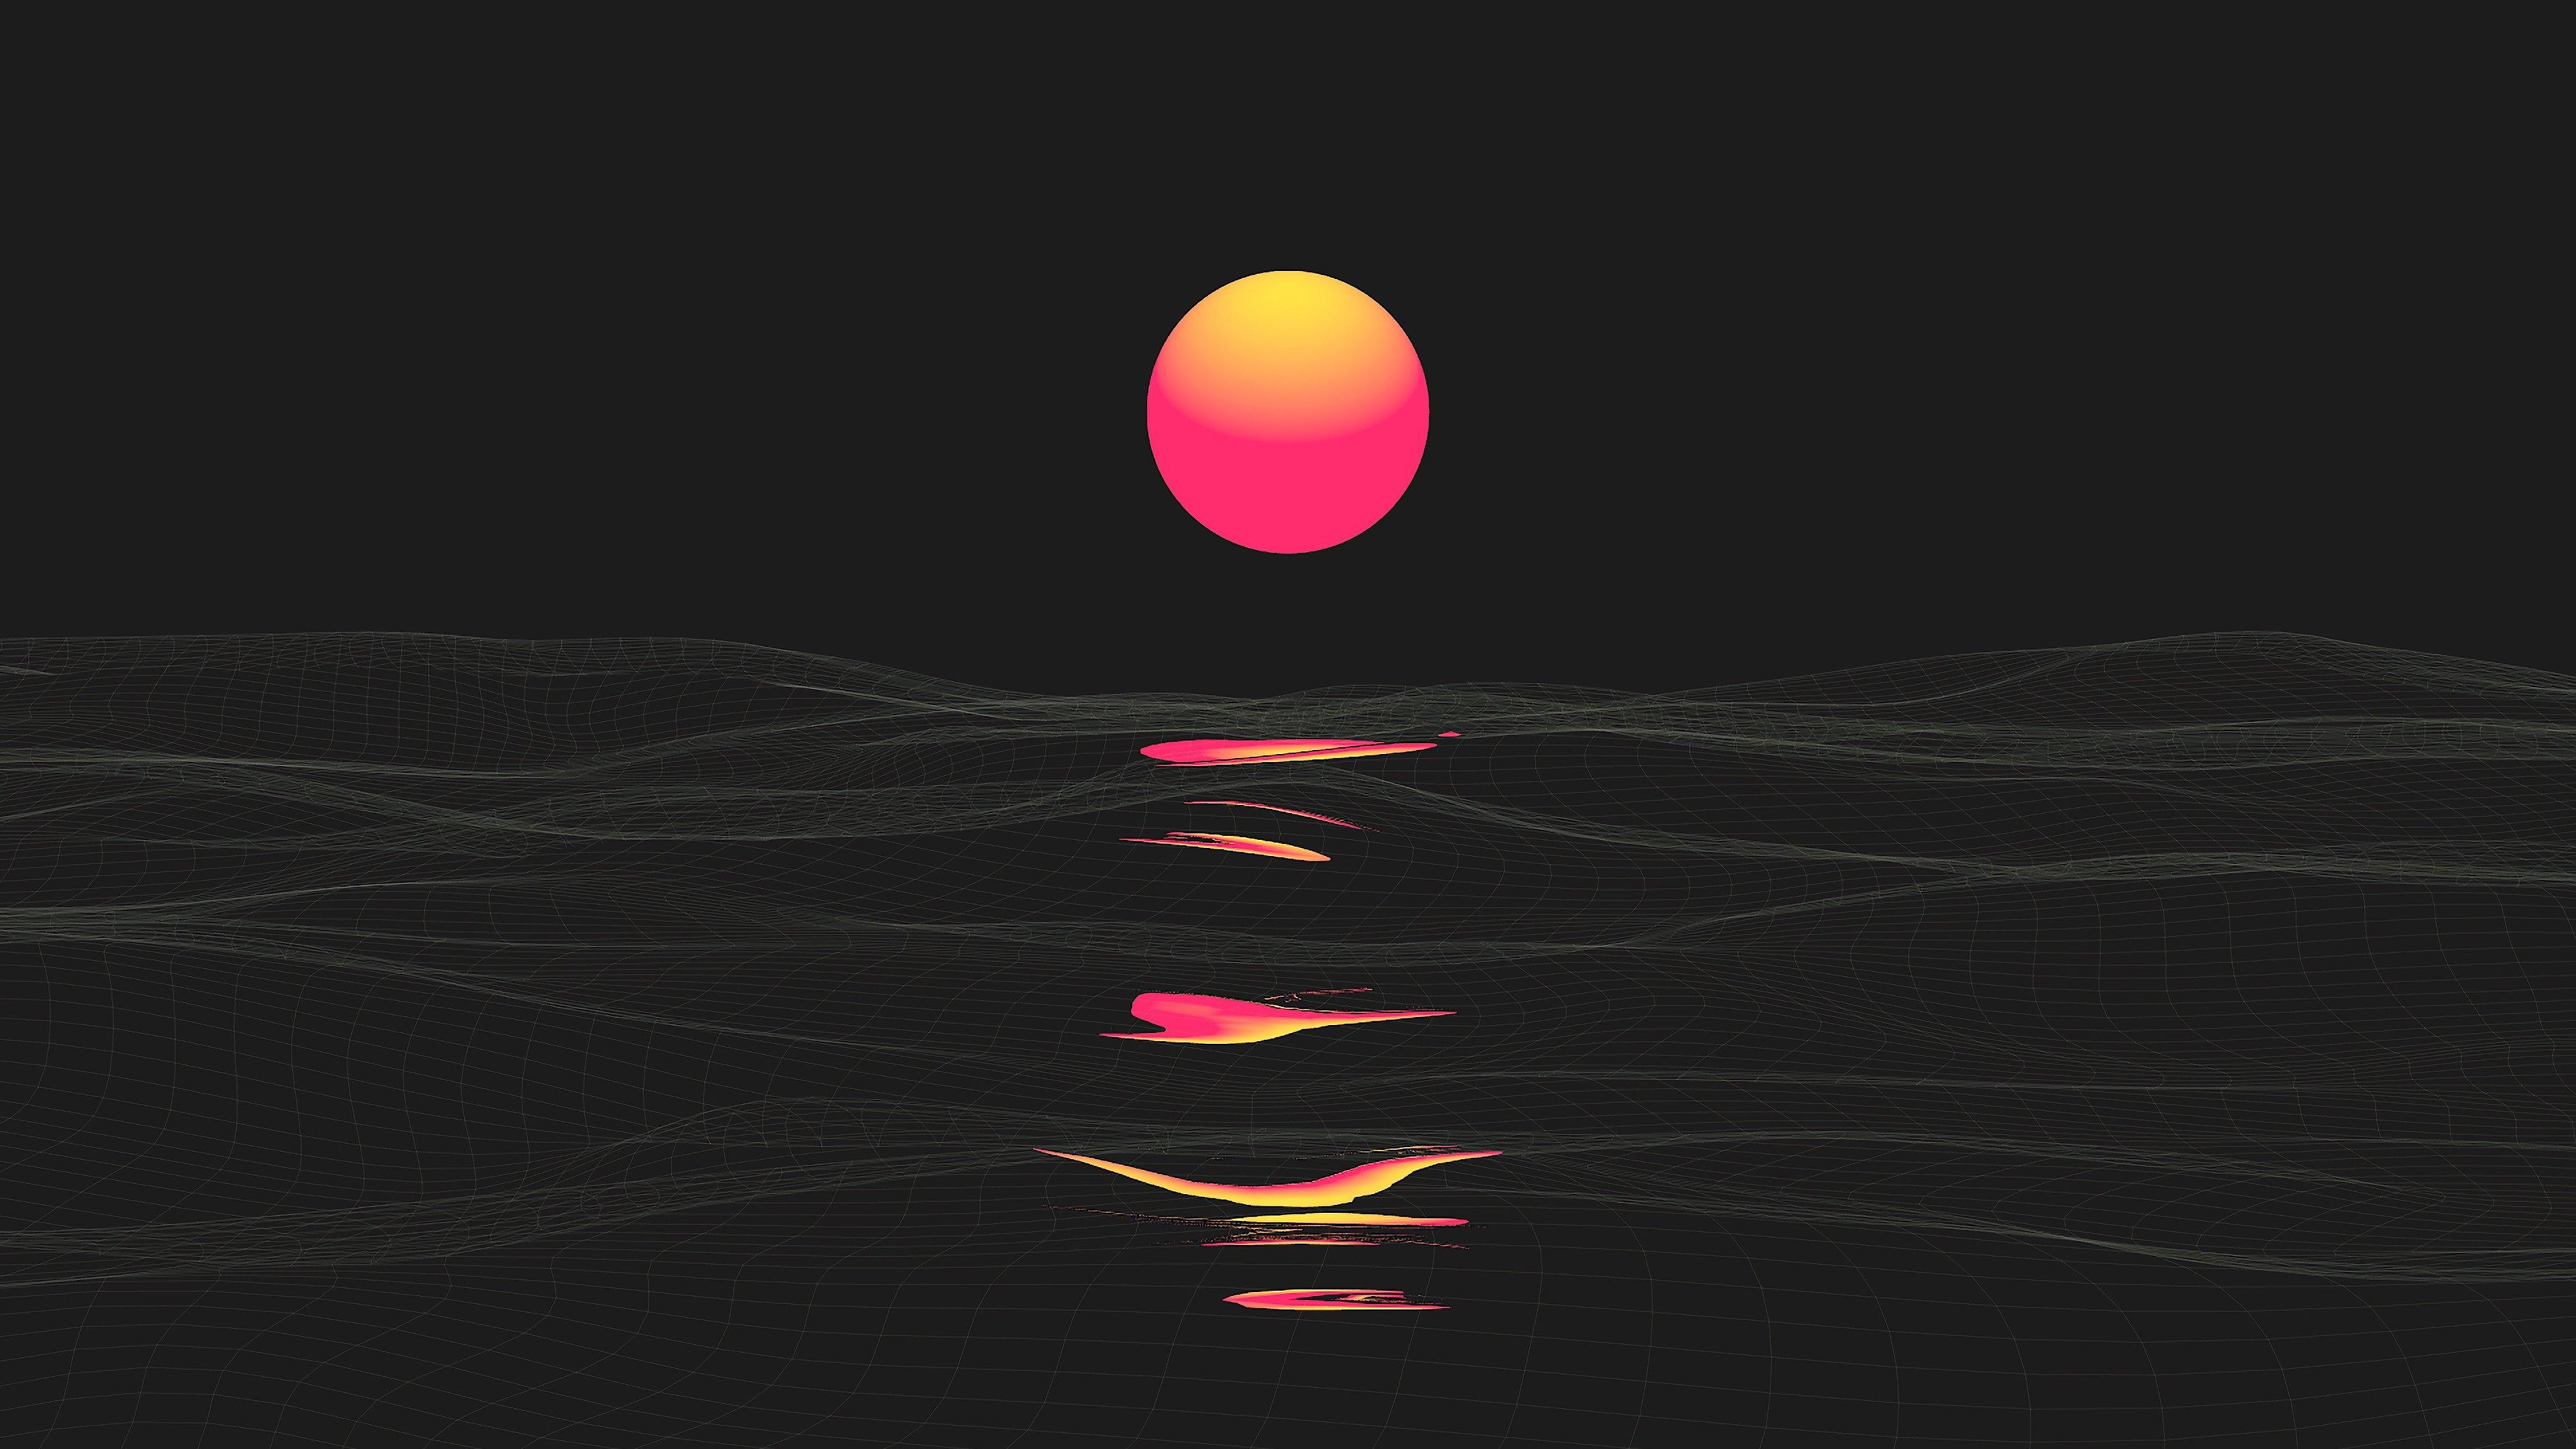 Fondos de pantalla Desierto sol abstracto